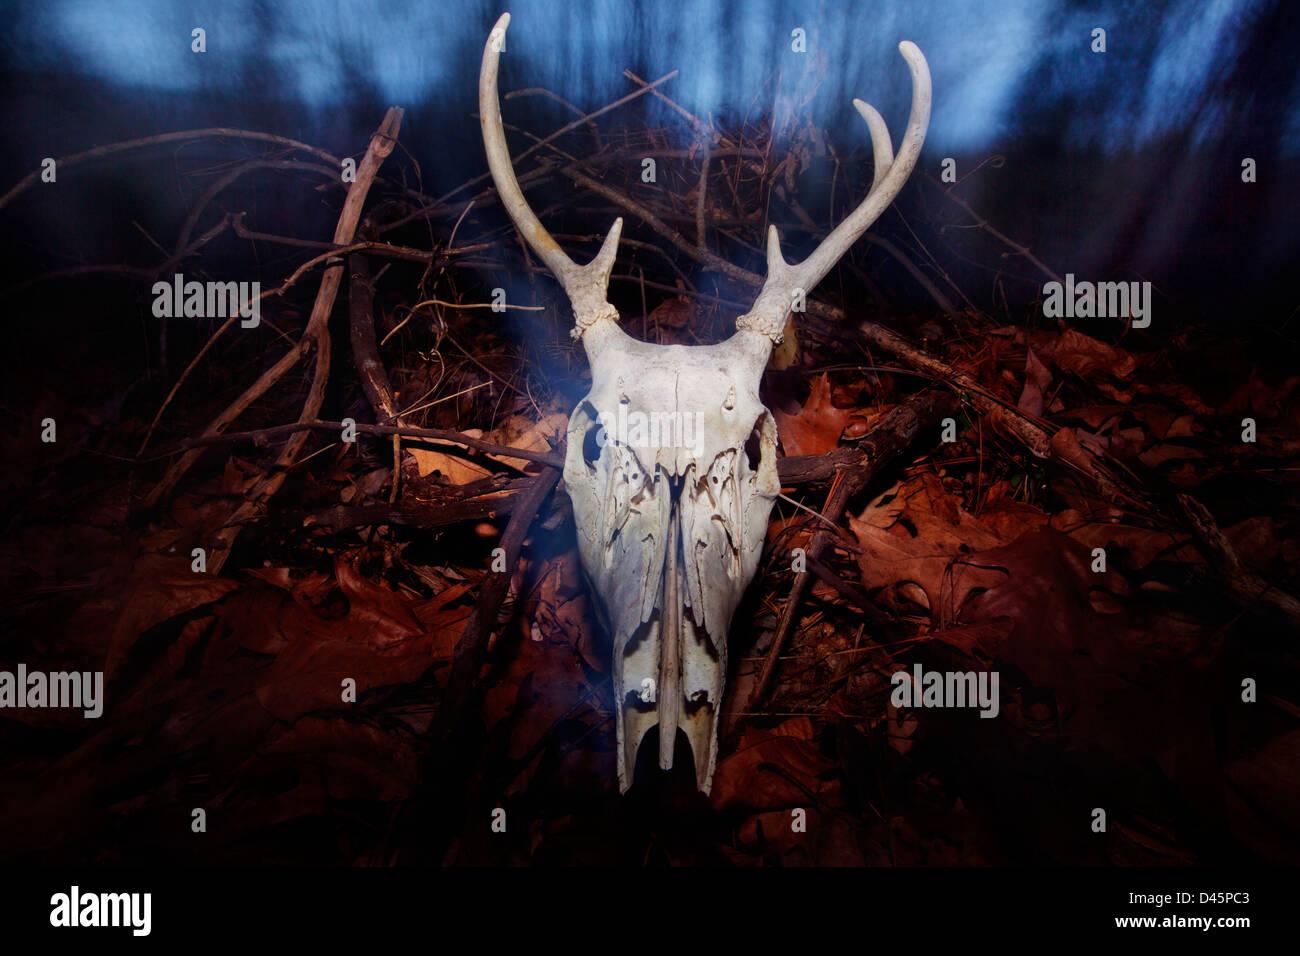 Ein Hirsch-Schädel in einem Wald in der Dämmerung. Stockbild